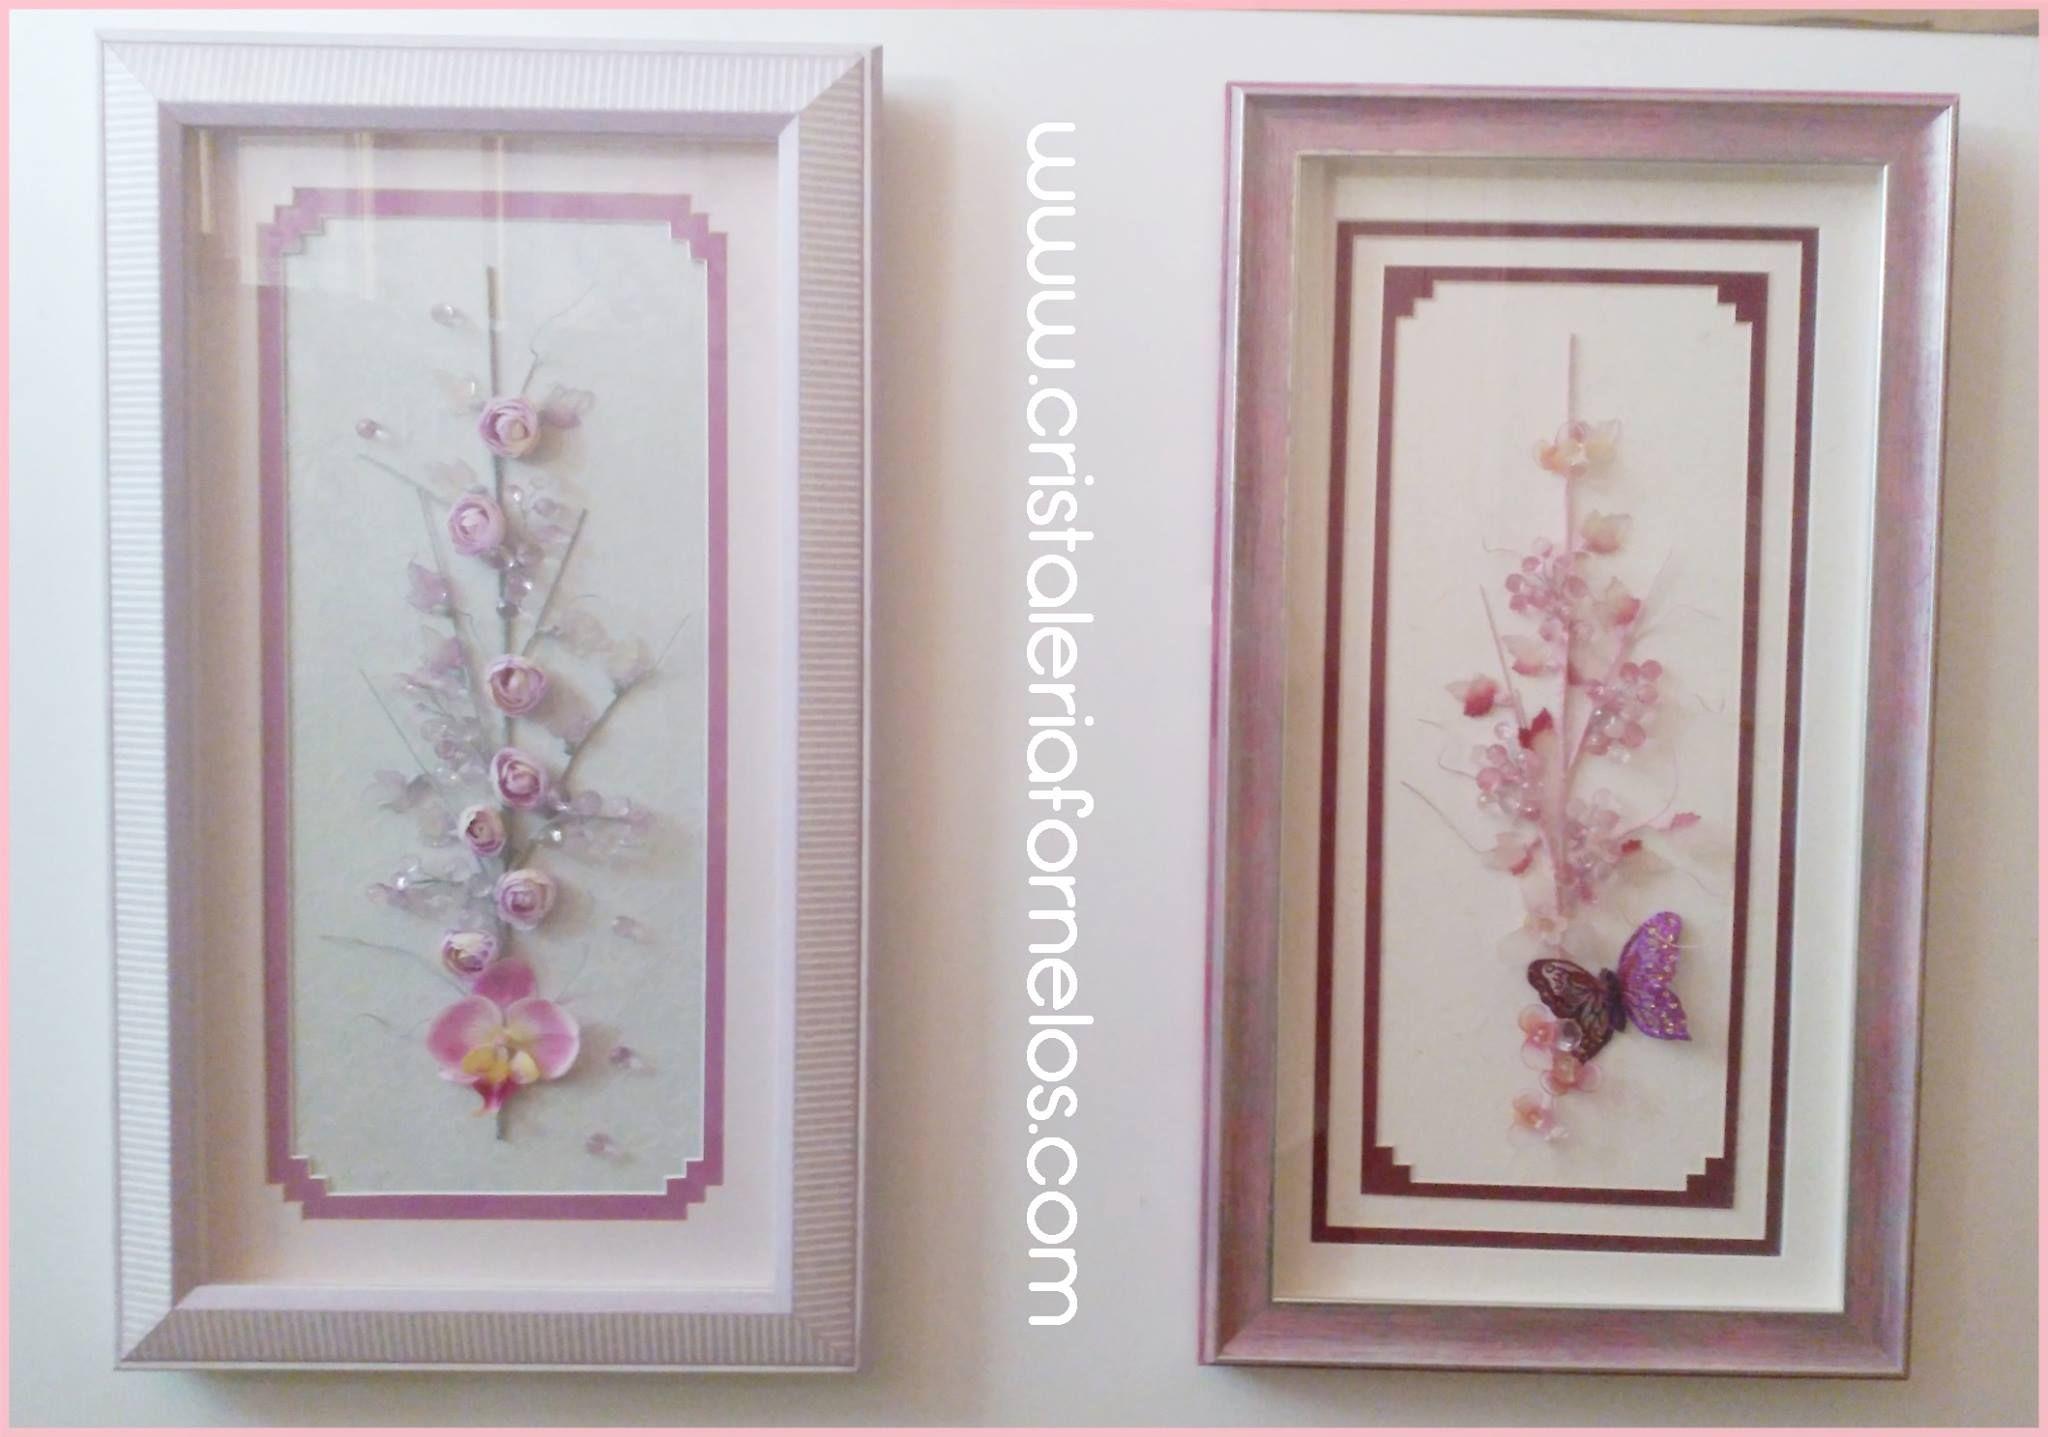 Empezamos la semana de color rosa con estos cuadros enmarcados ...